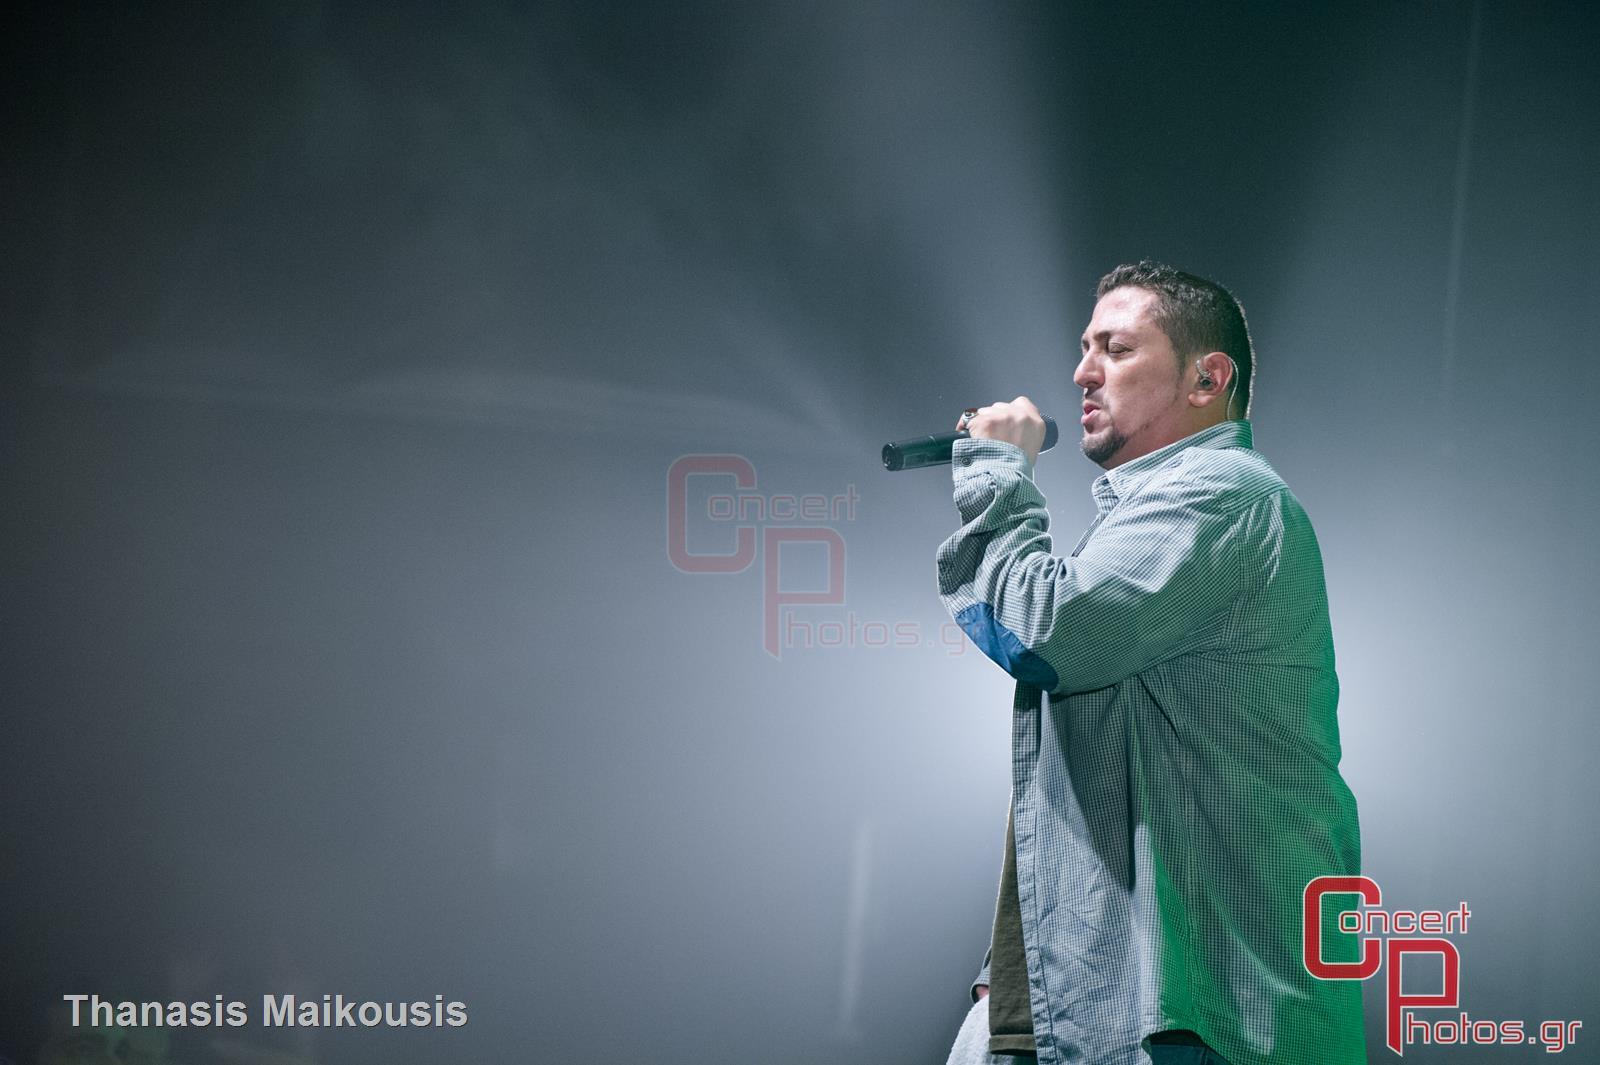 Dub Inc-Dub Inc photographer: Thanasis Maikousis - concertphotos_-5521